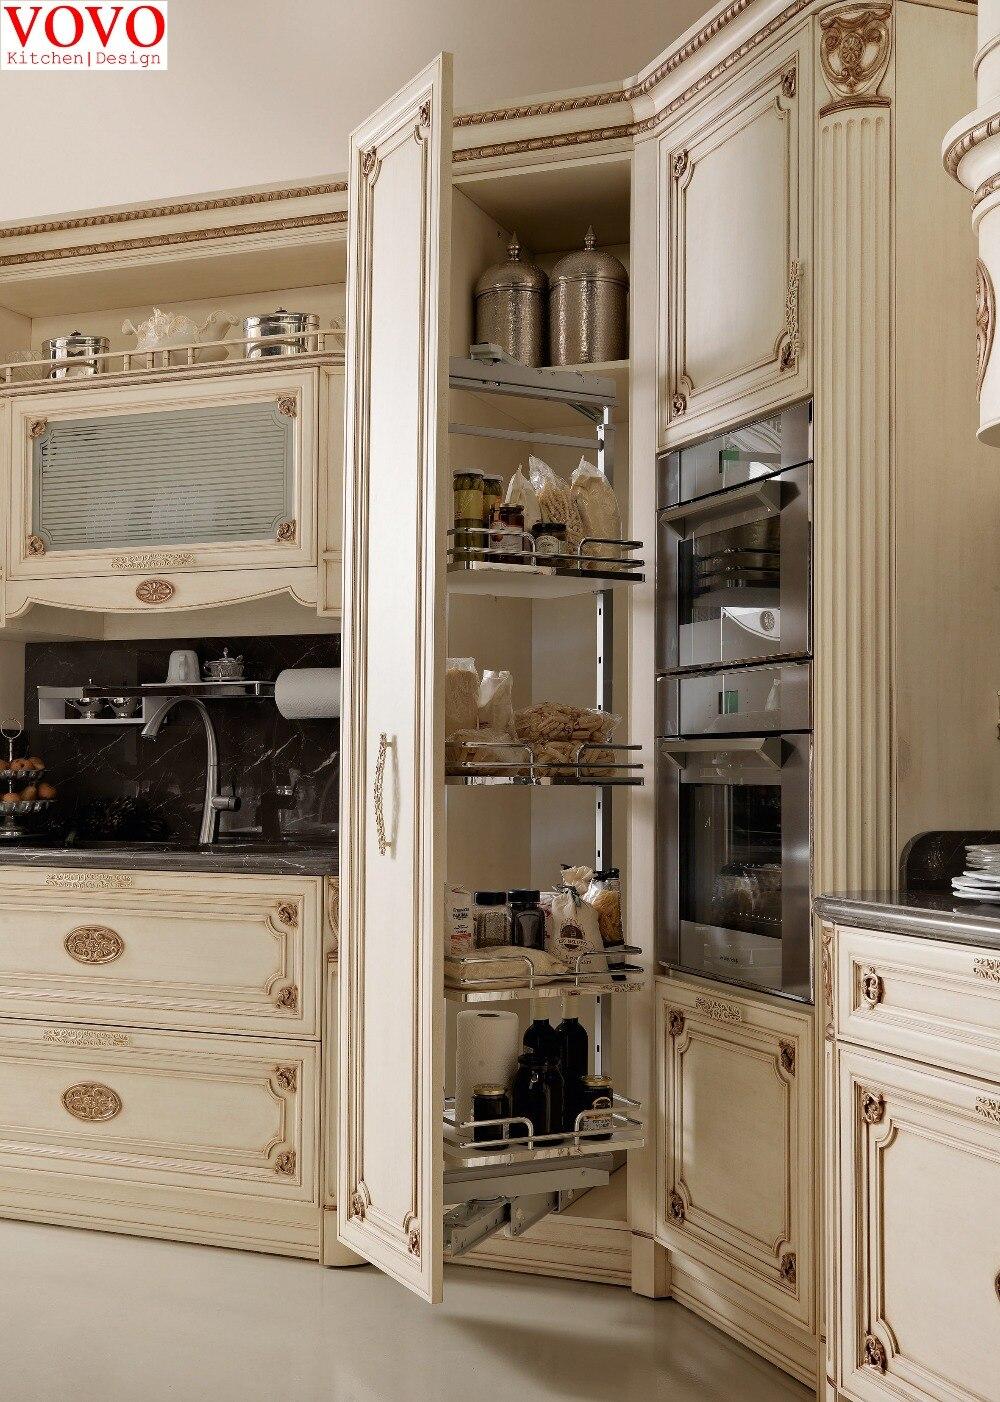 Increíble Muebles De Cocina Con Despensa Esquina Imágenes - Como ...